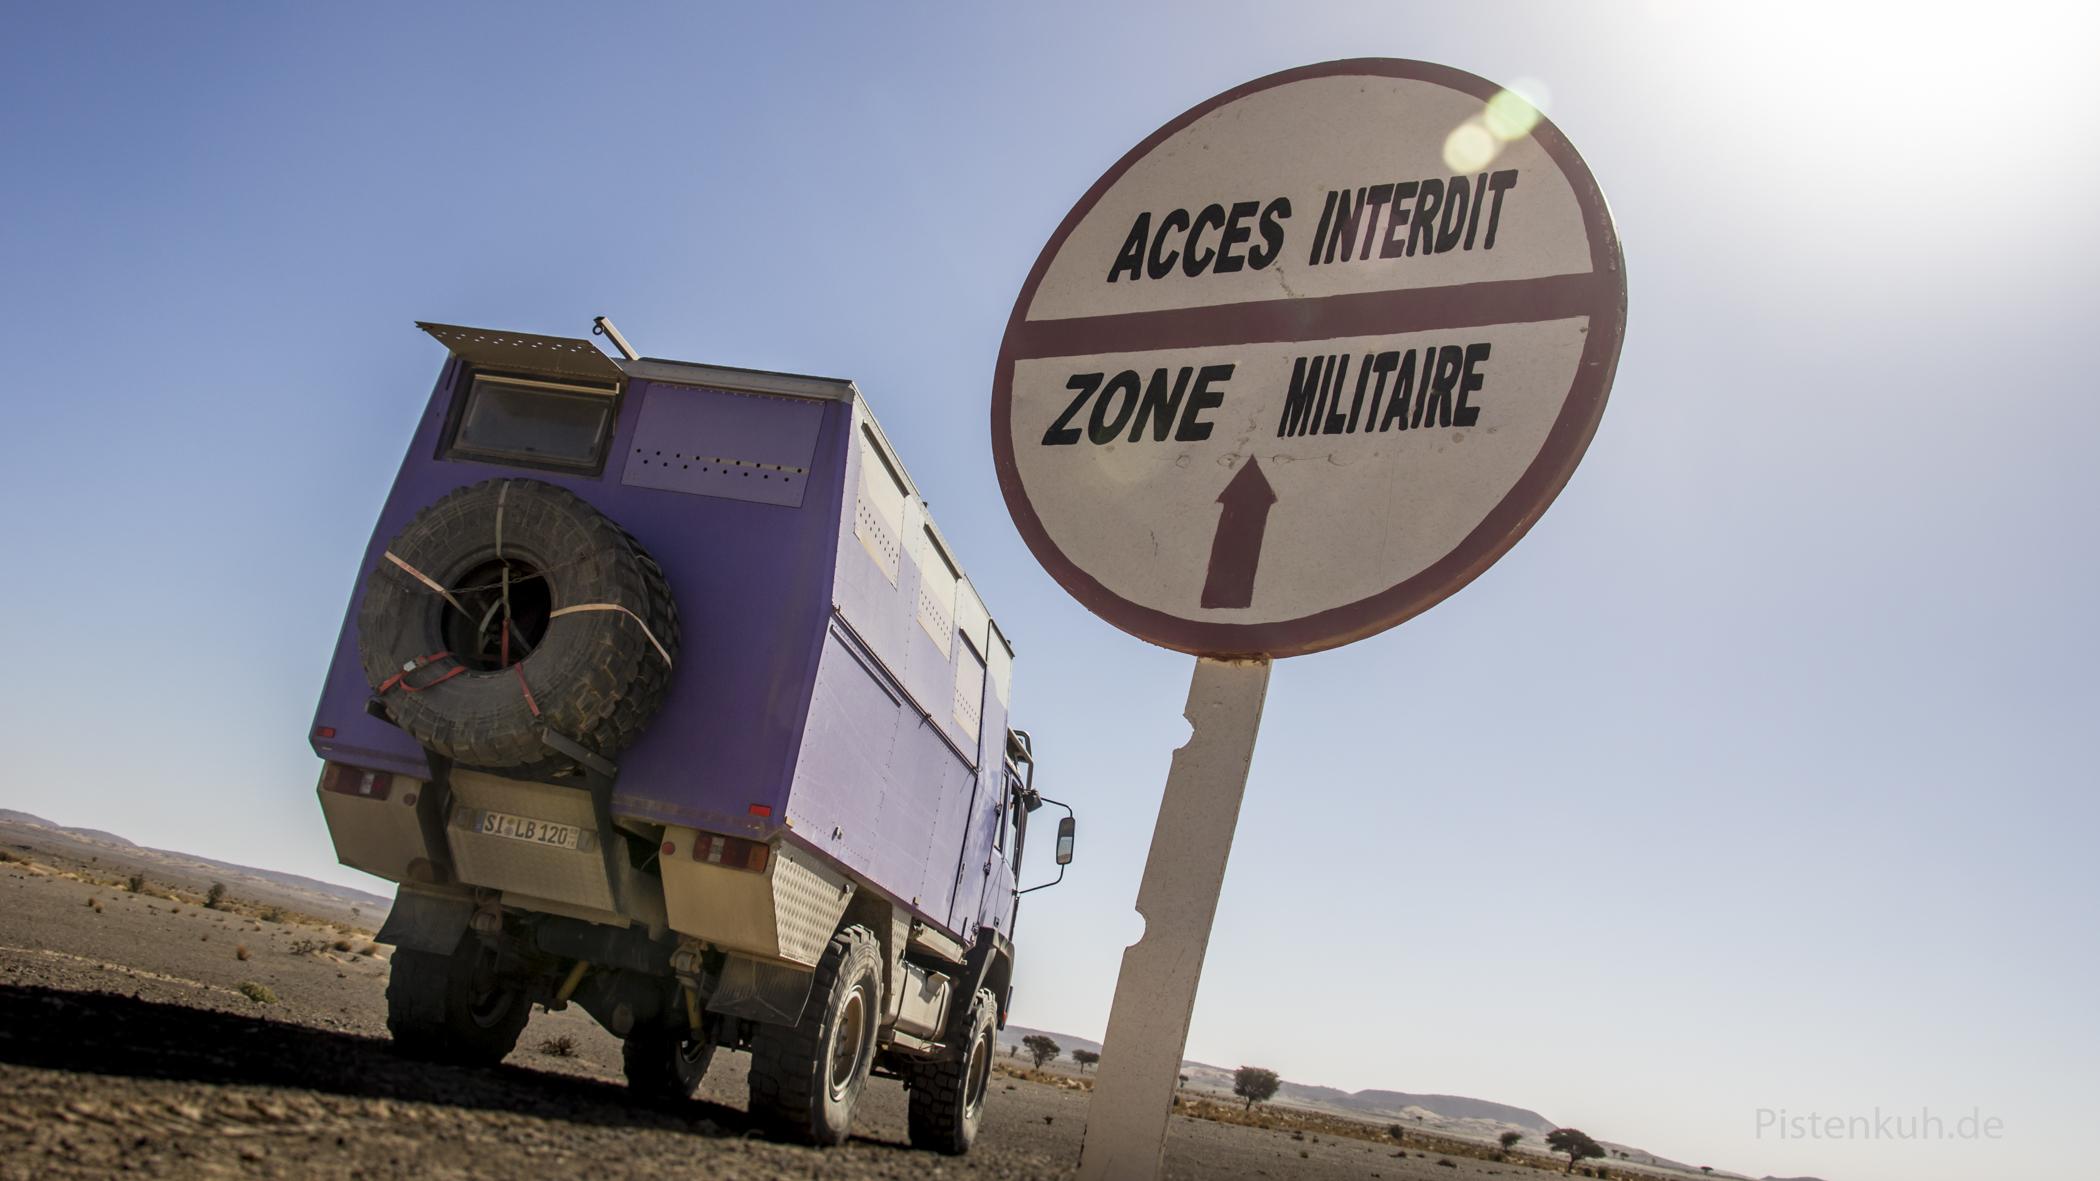 Verbotsschild an der militärischen Sperrzone im Grenzgebiet Algerien / Marokko